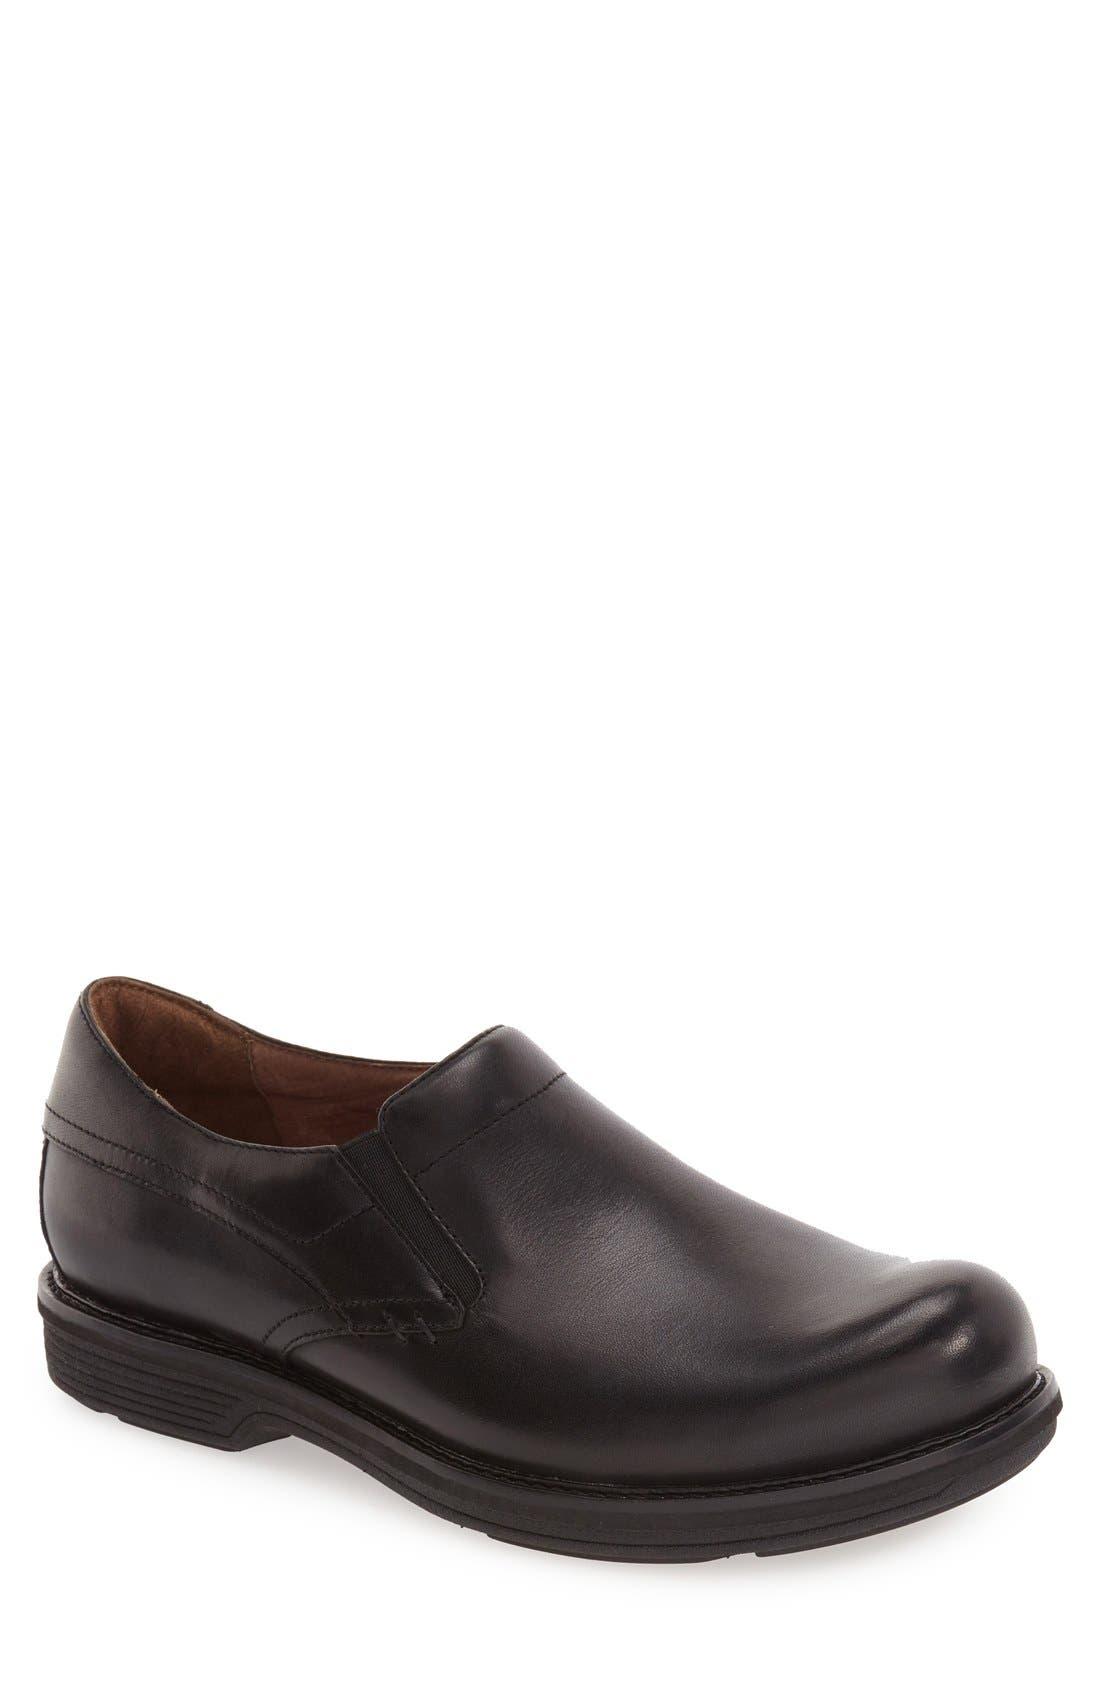 Dansko 'Jackson' Leather Slip-On (Men)